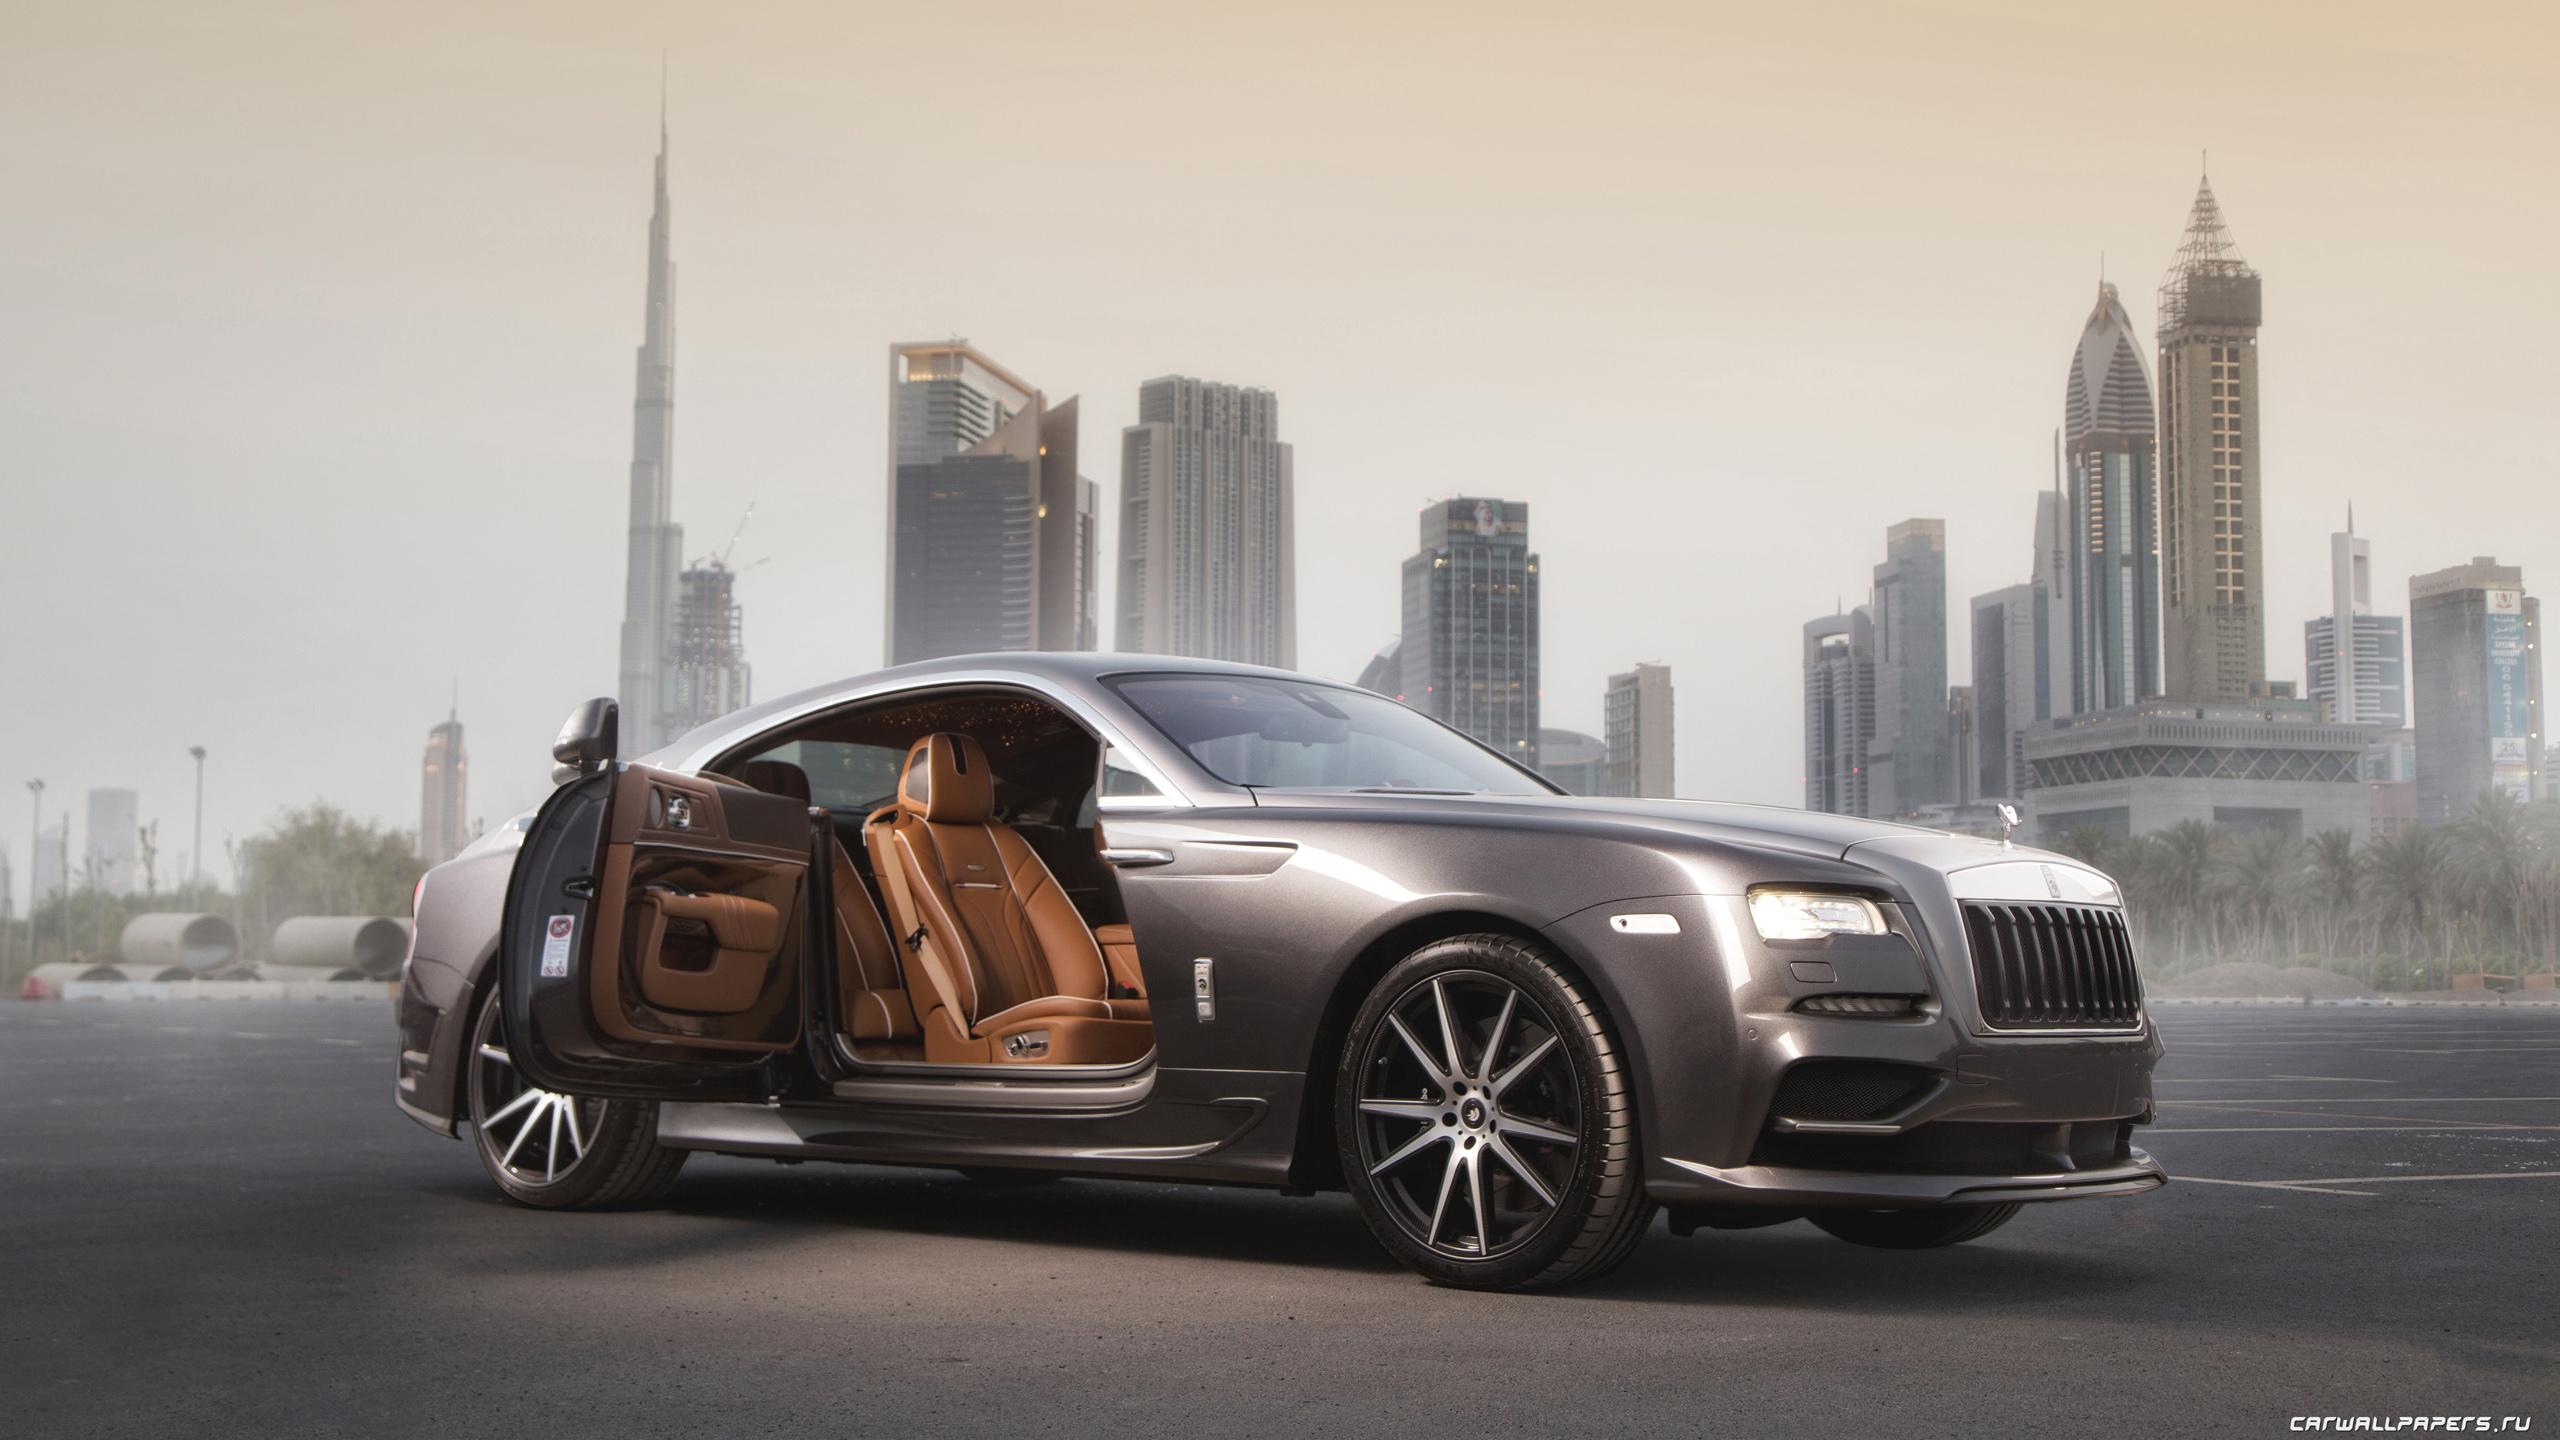 Rolls-Royce, Wraith, Роллс-Ройс обои скачать